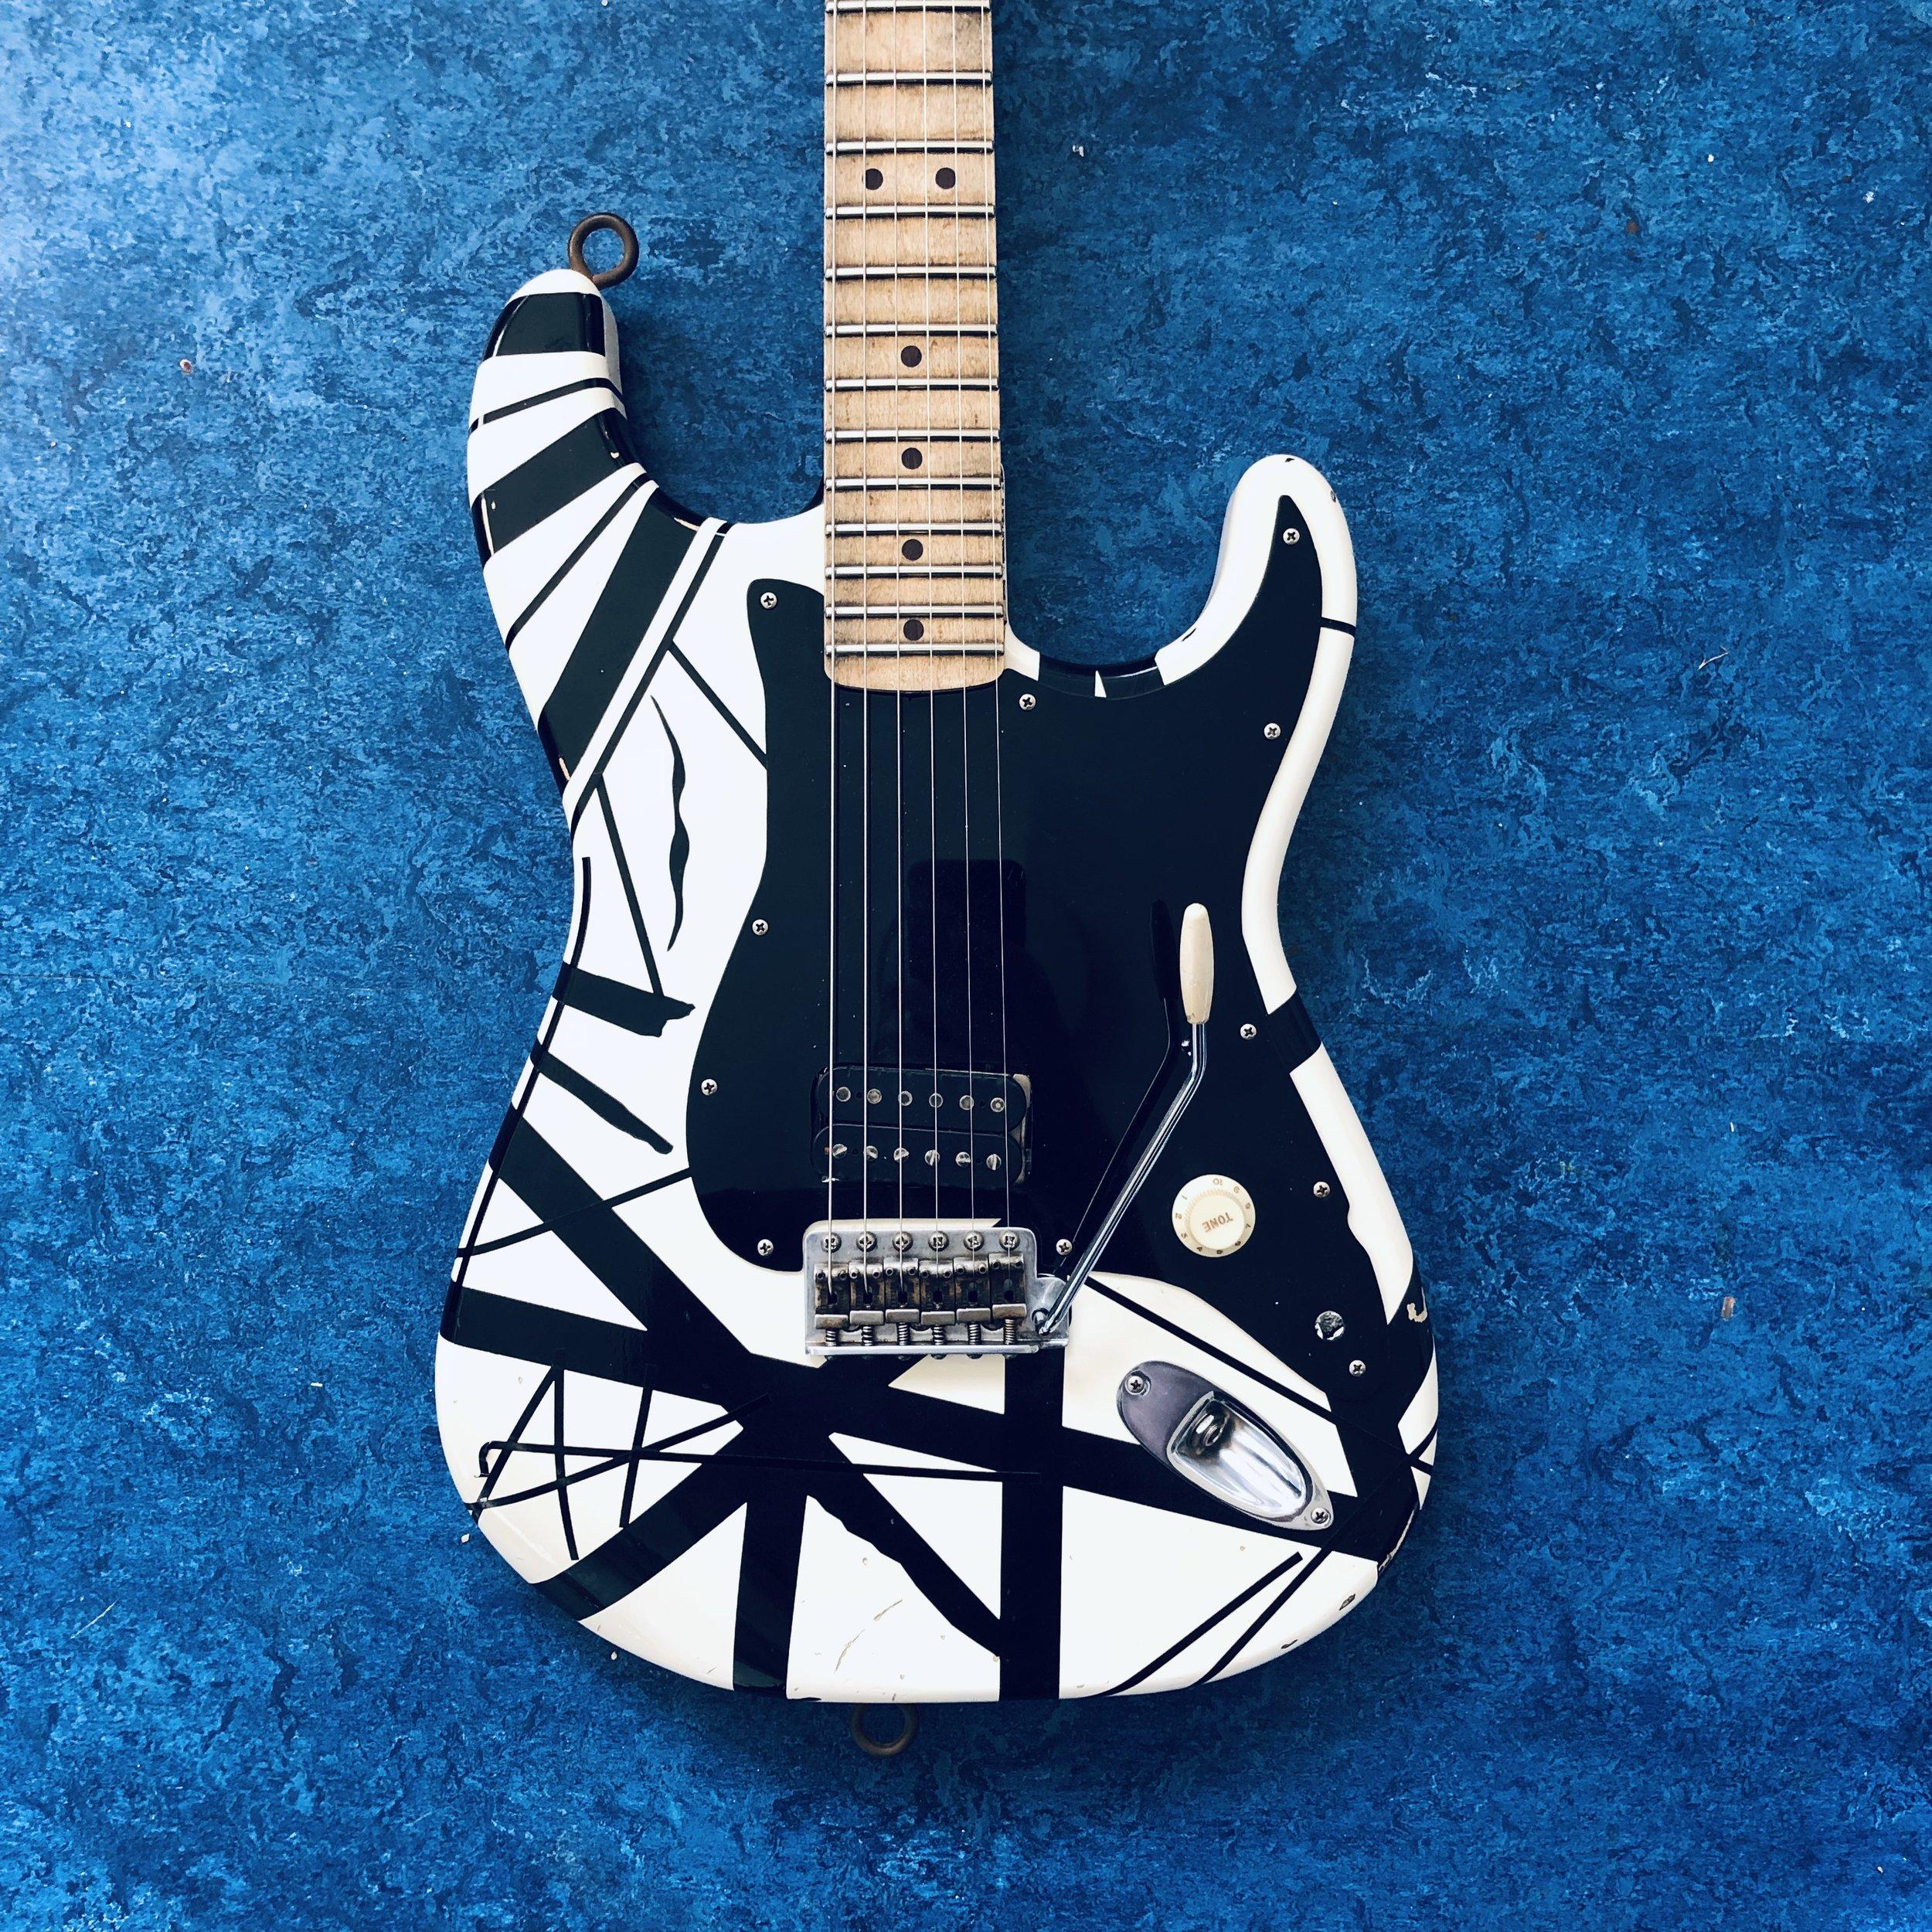 EVH-guitar-body.jpg